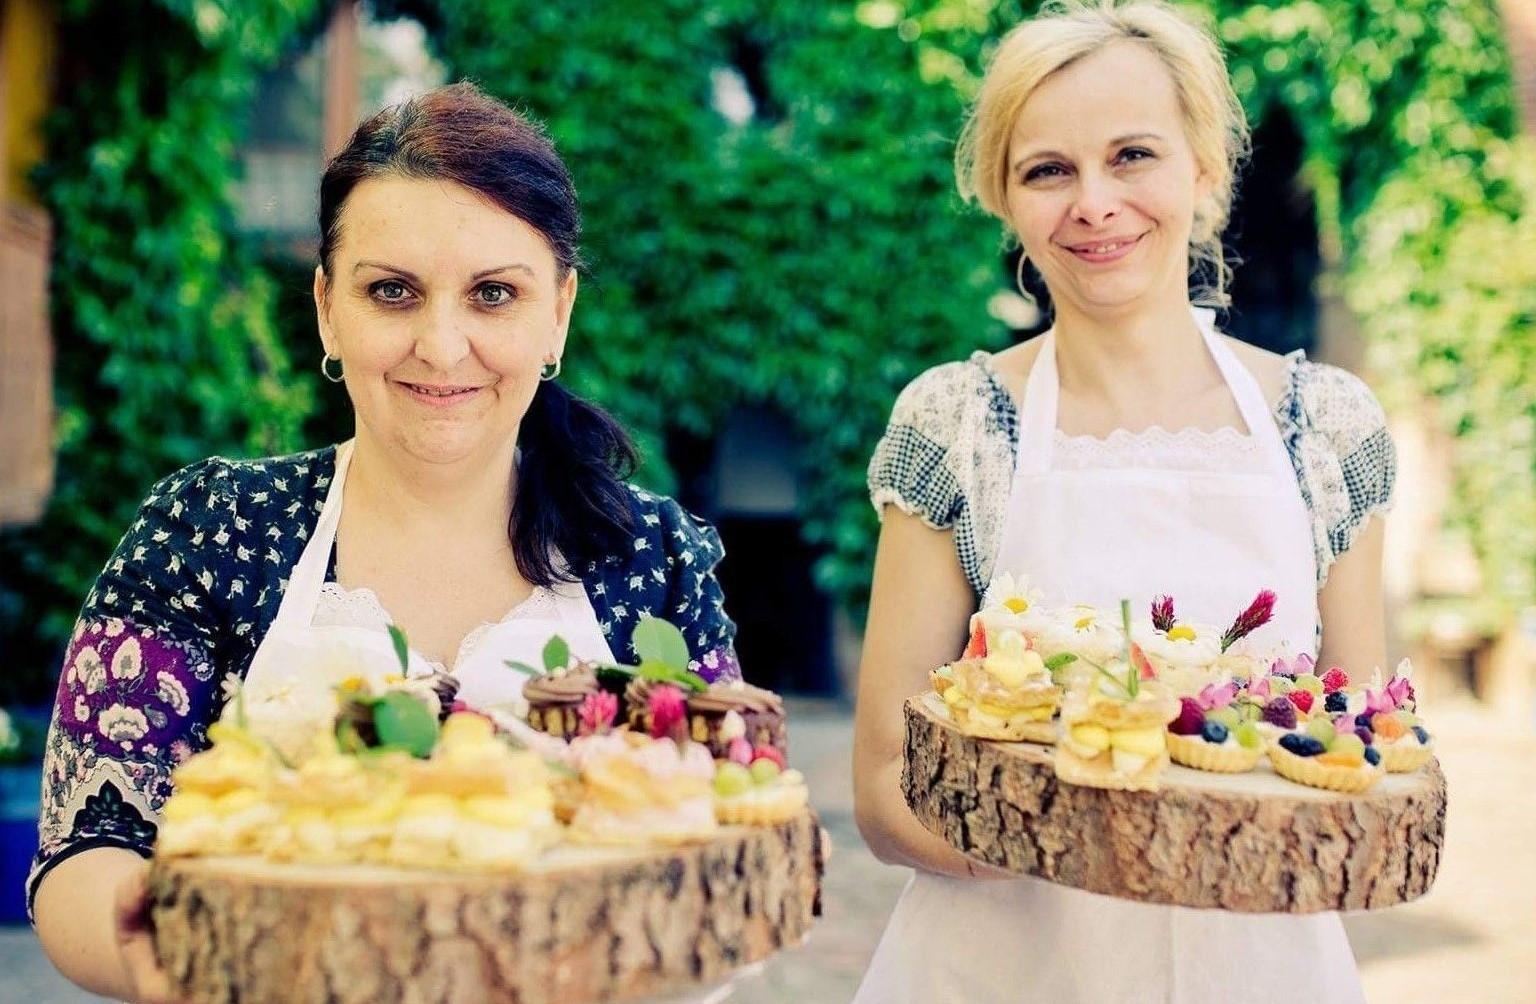 Na farmářský trh na Heřmaňák přijďte první sobotu v říjnu – 2. října. Budou Andělky, Usušeno, med přímo od včelařky, mlékárna Babina, výtvarná dílna Smaltum.